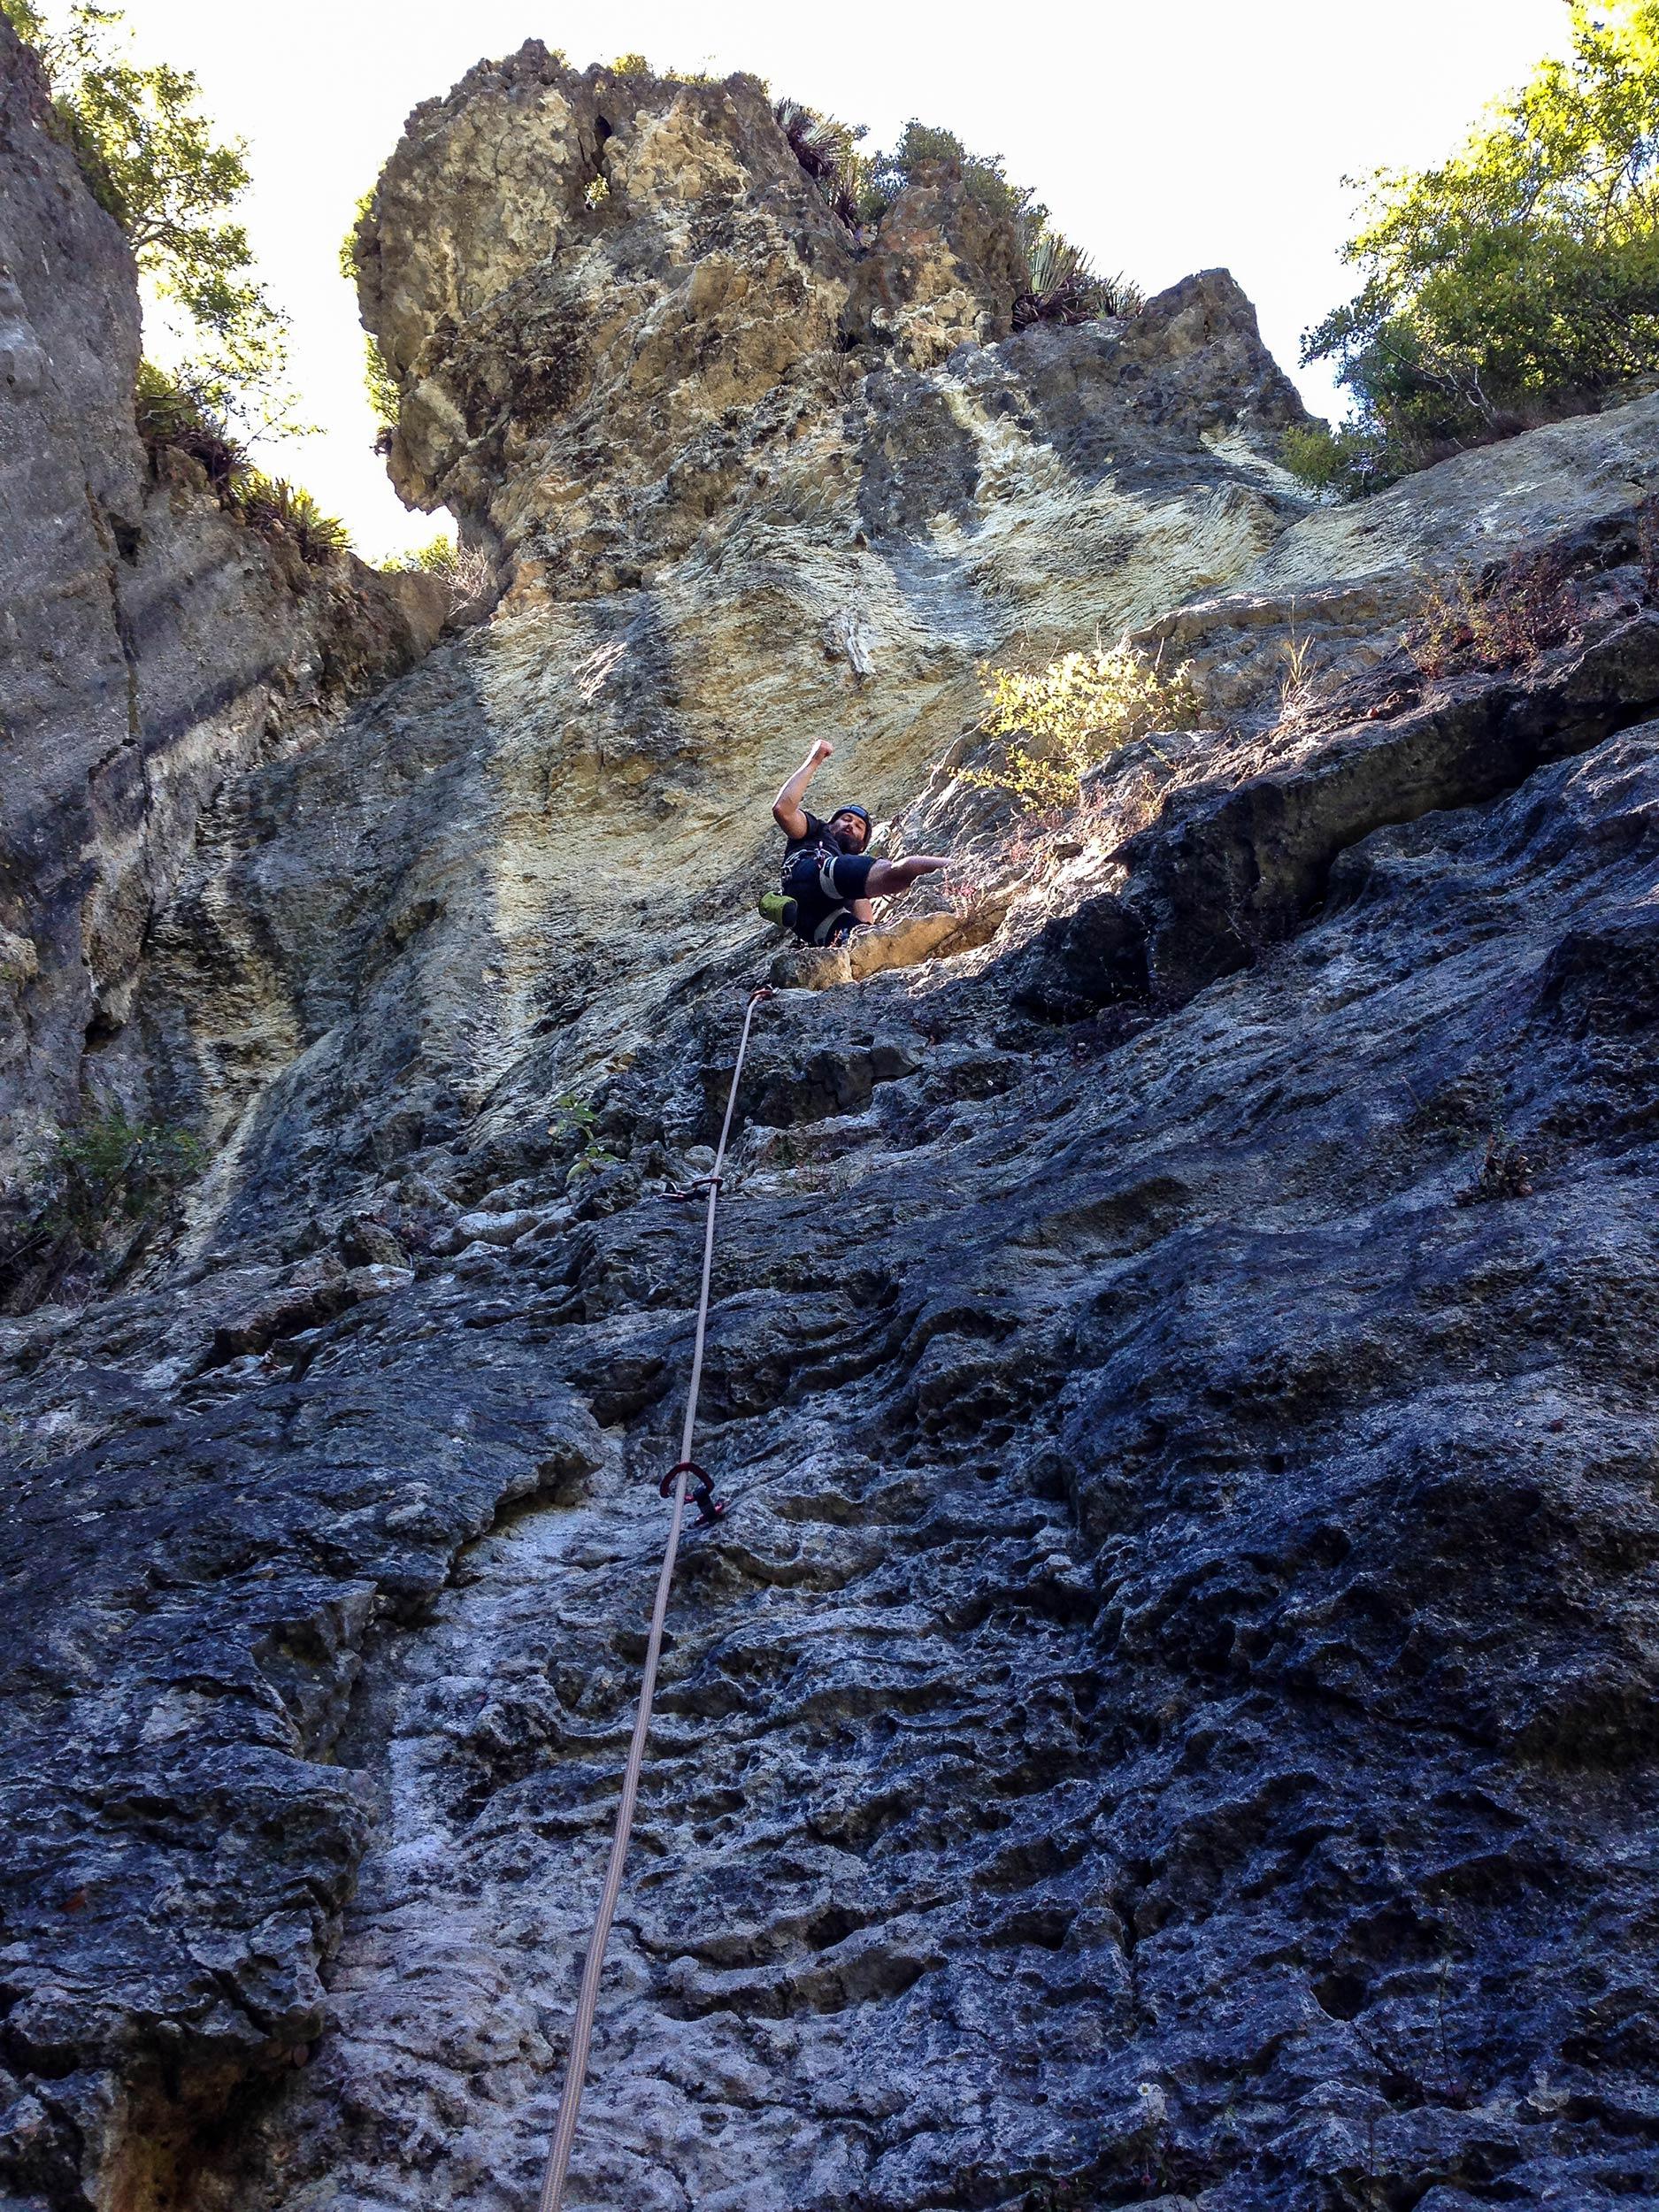 takaka_paynes_ford_rock_climbing_hang_dog_camp.jpg